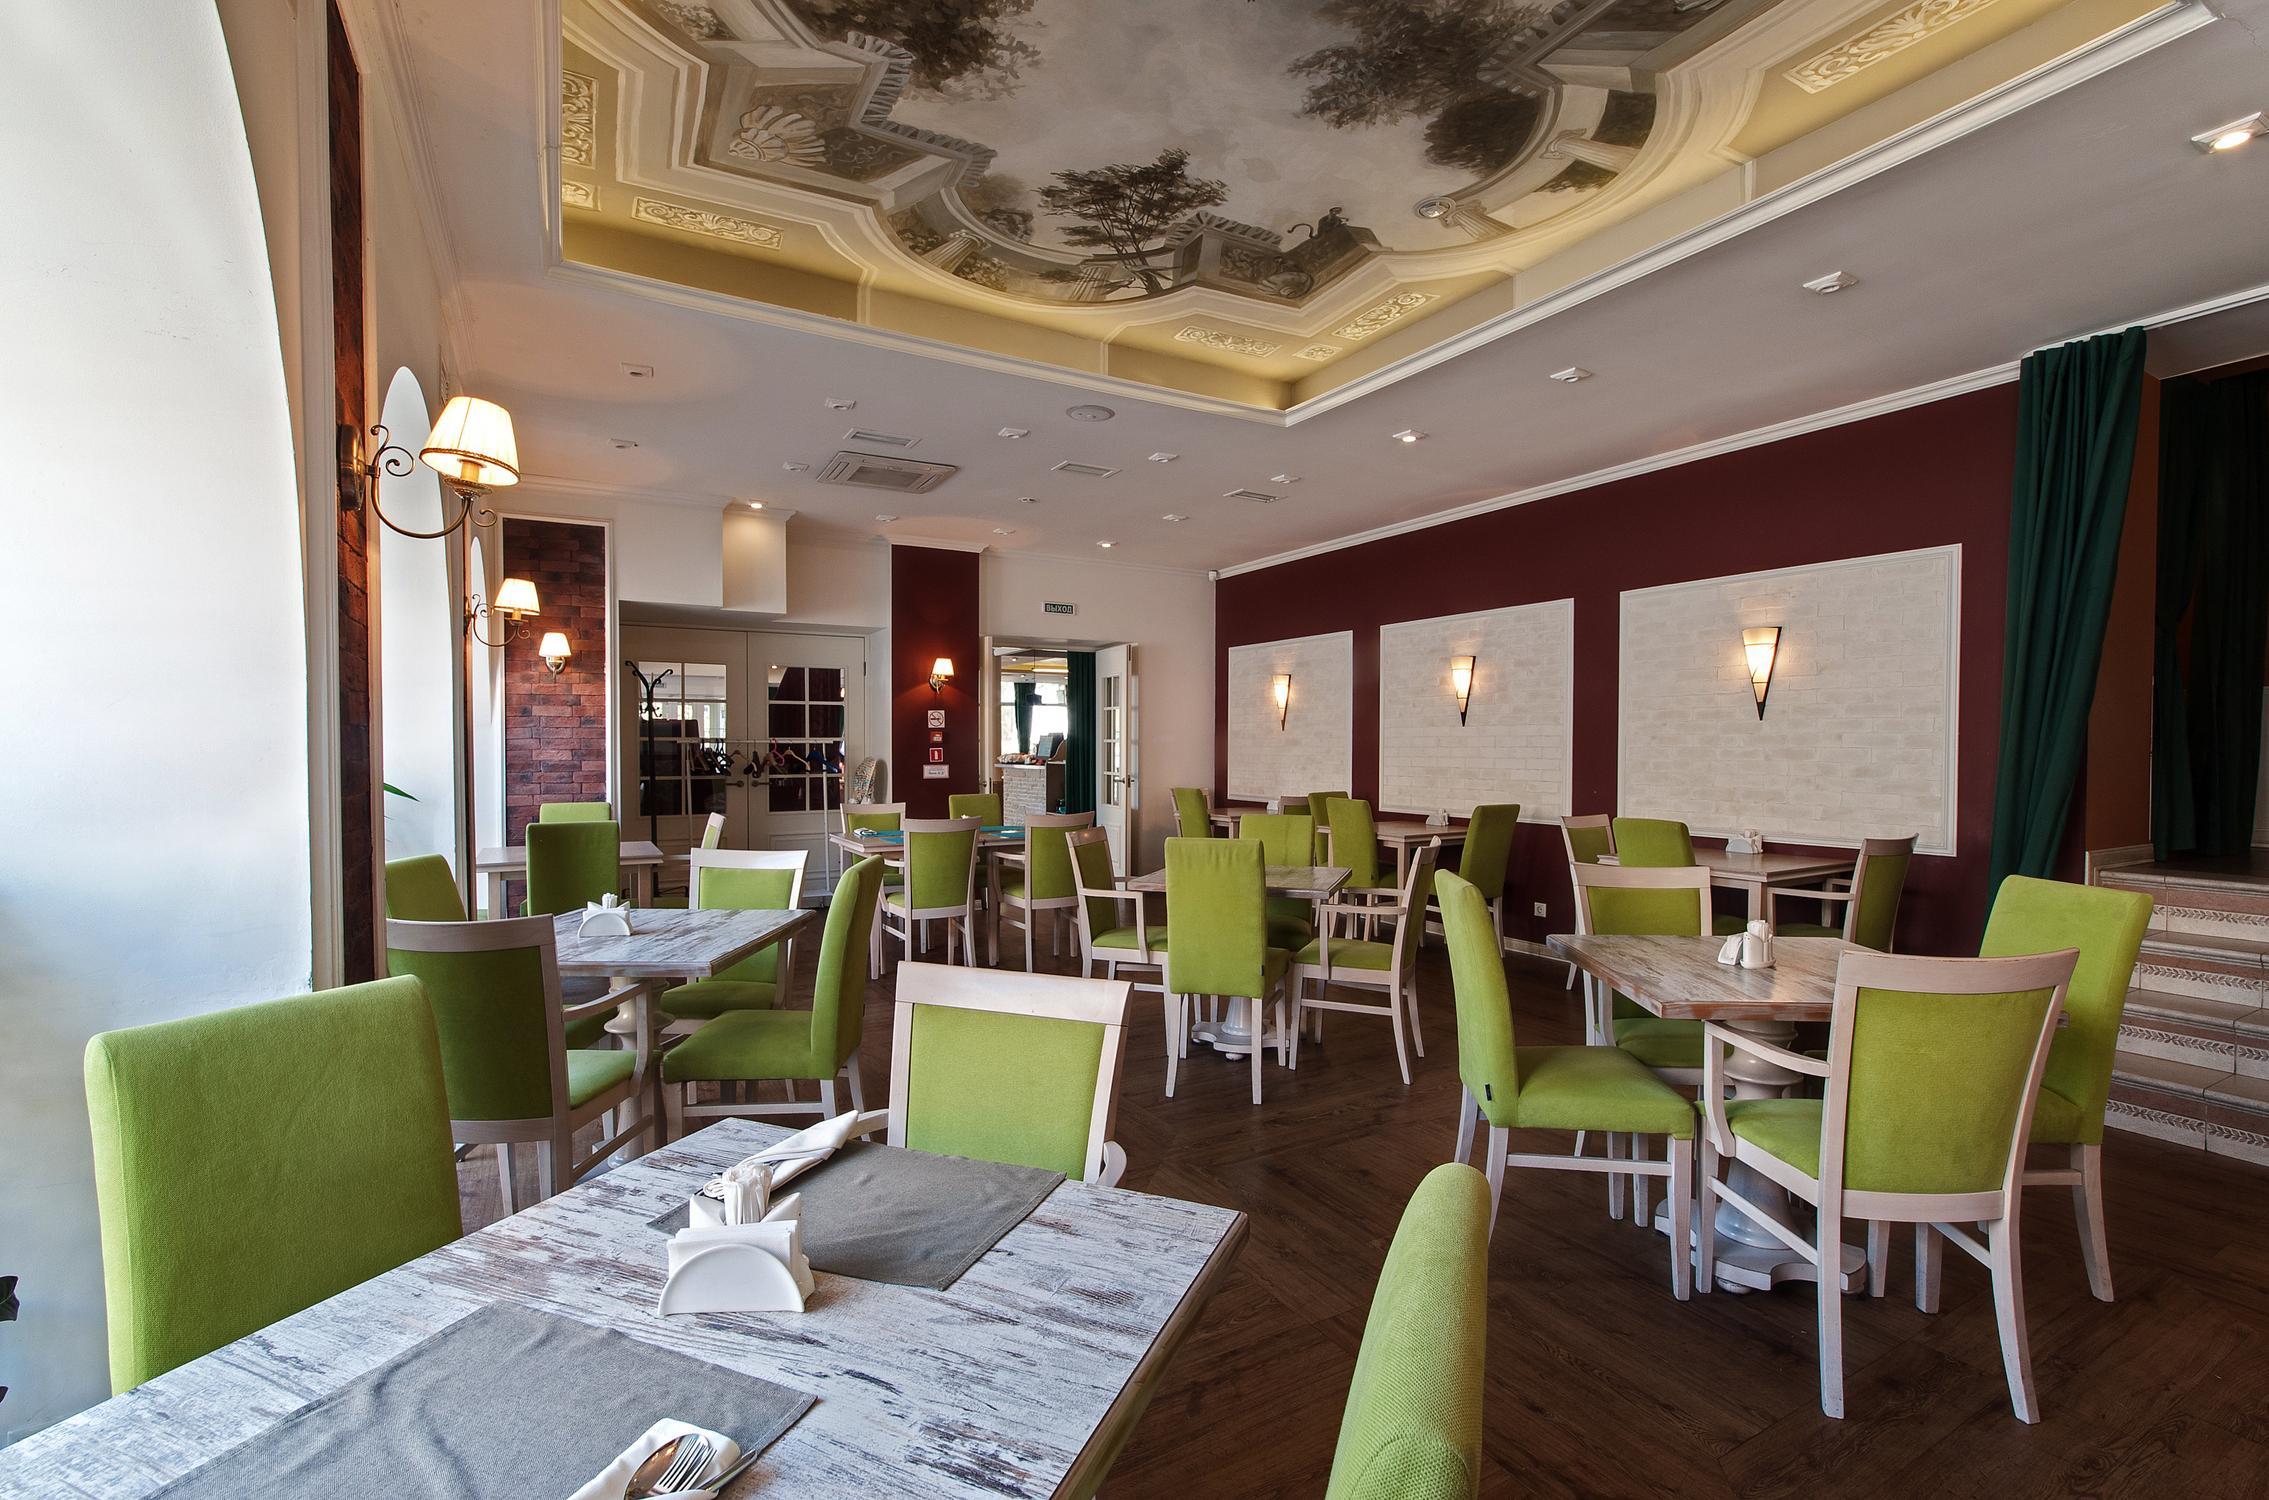 фотография Ресторана СольФаСоль на Первомайской улице